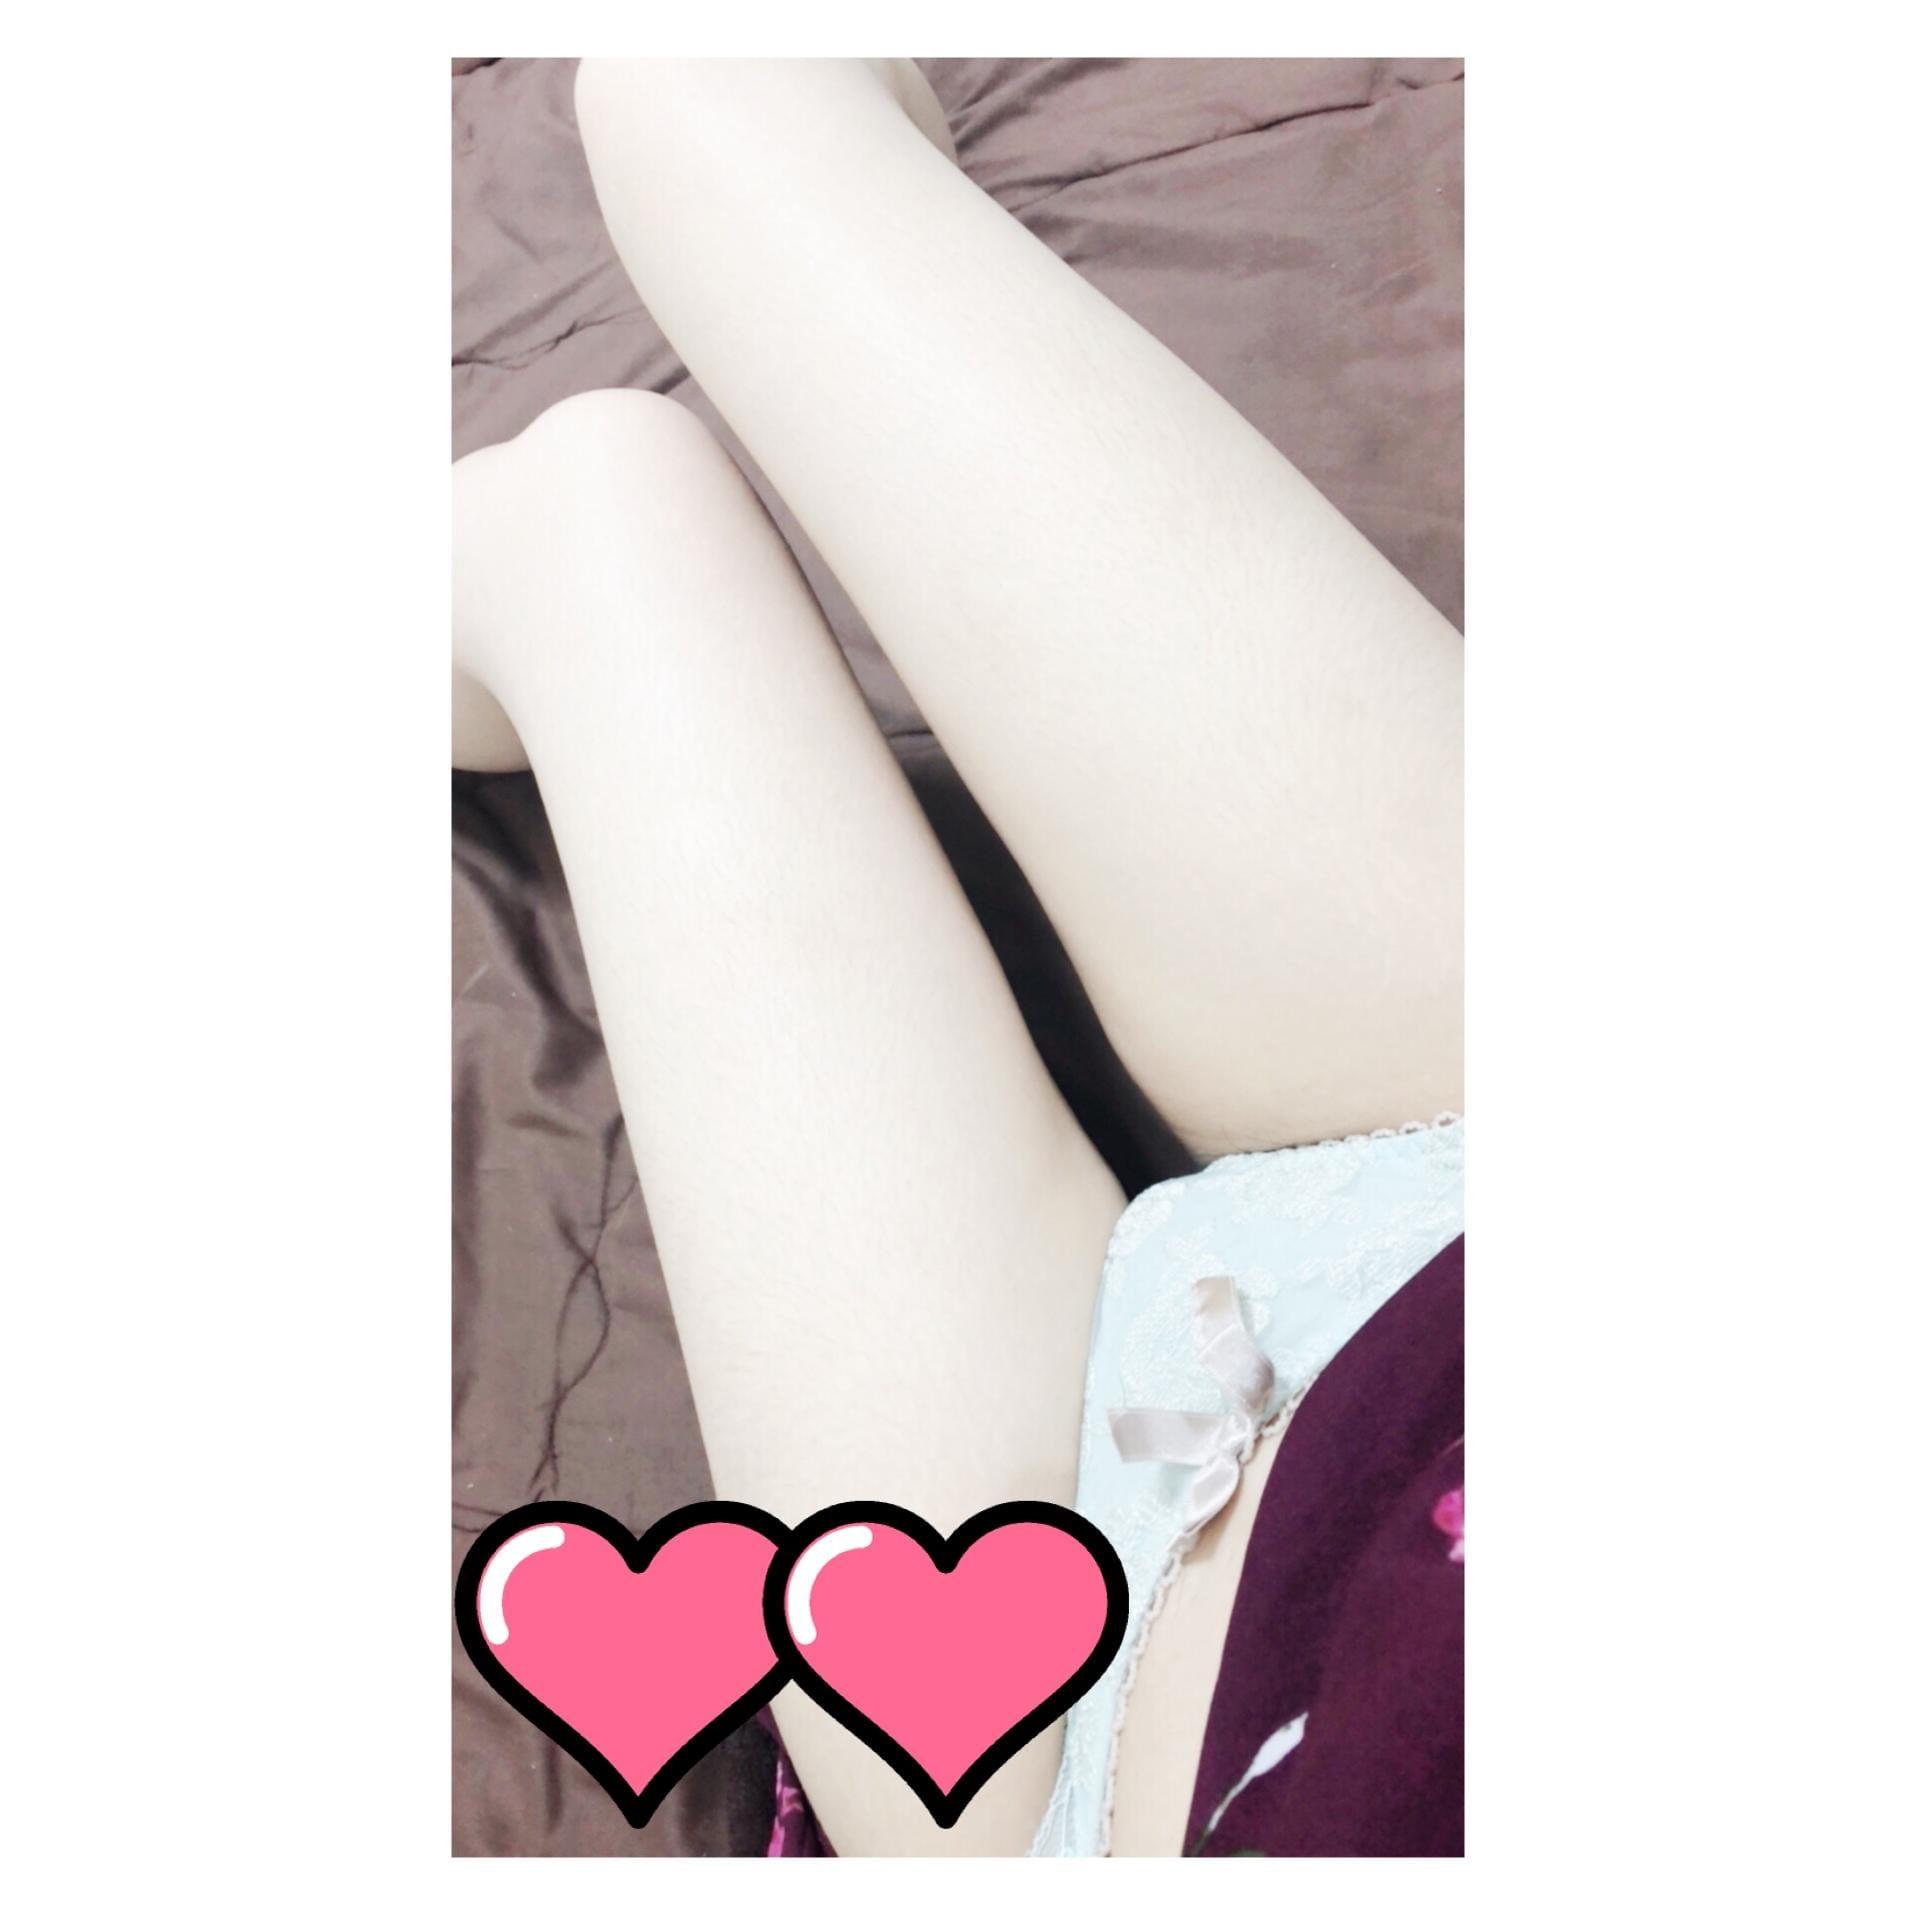 「お礼?」09/24(月) 03:37 | 新人 美咲(みさき)S級激カワの写メ・風俗動画